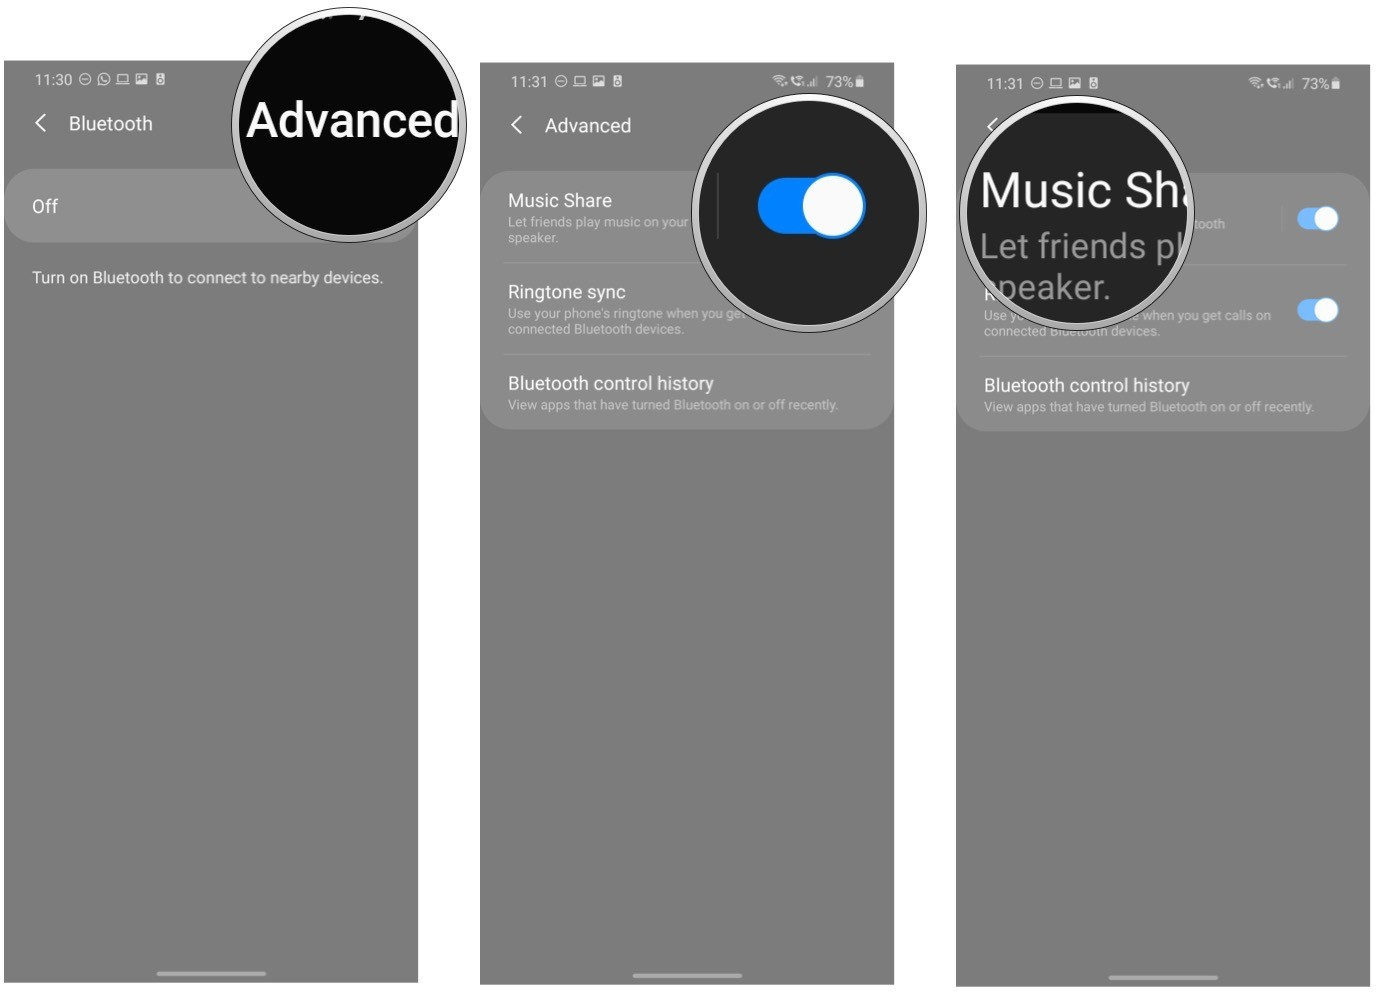 Hướng dẫn bật và tắt tính năng Music Share trên Galaxy S20